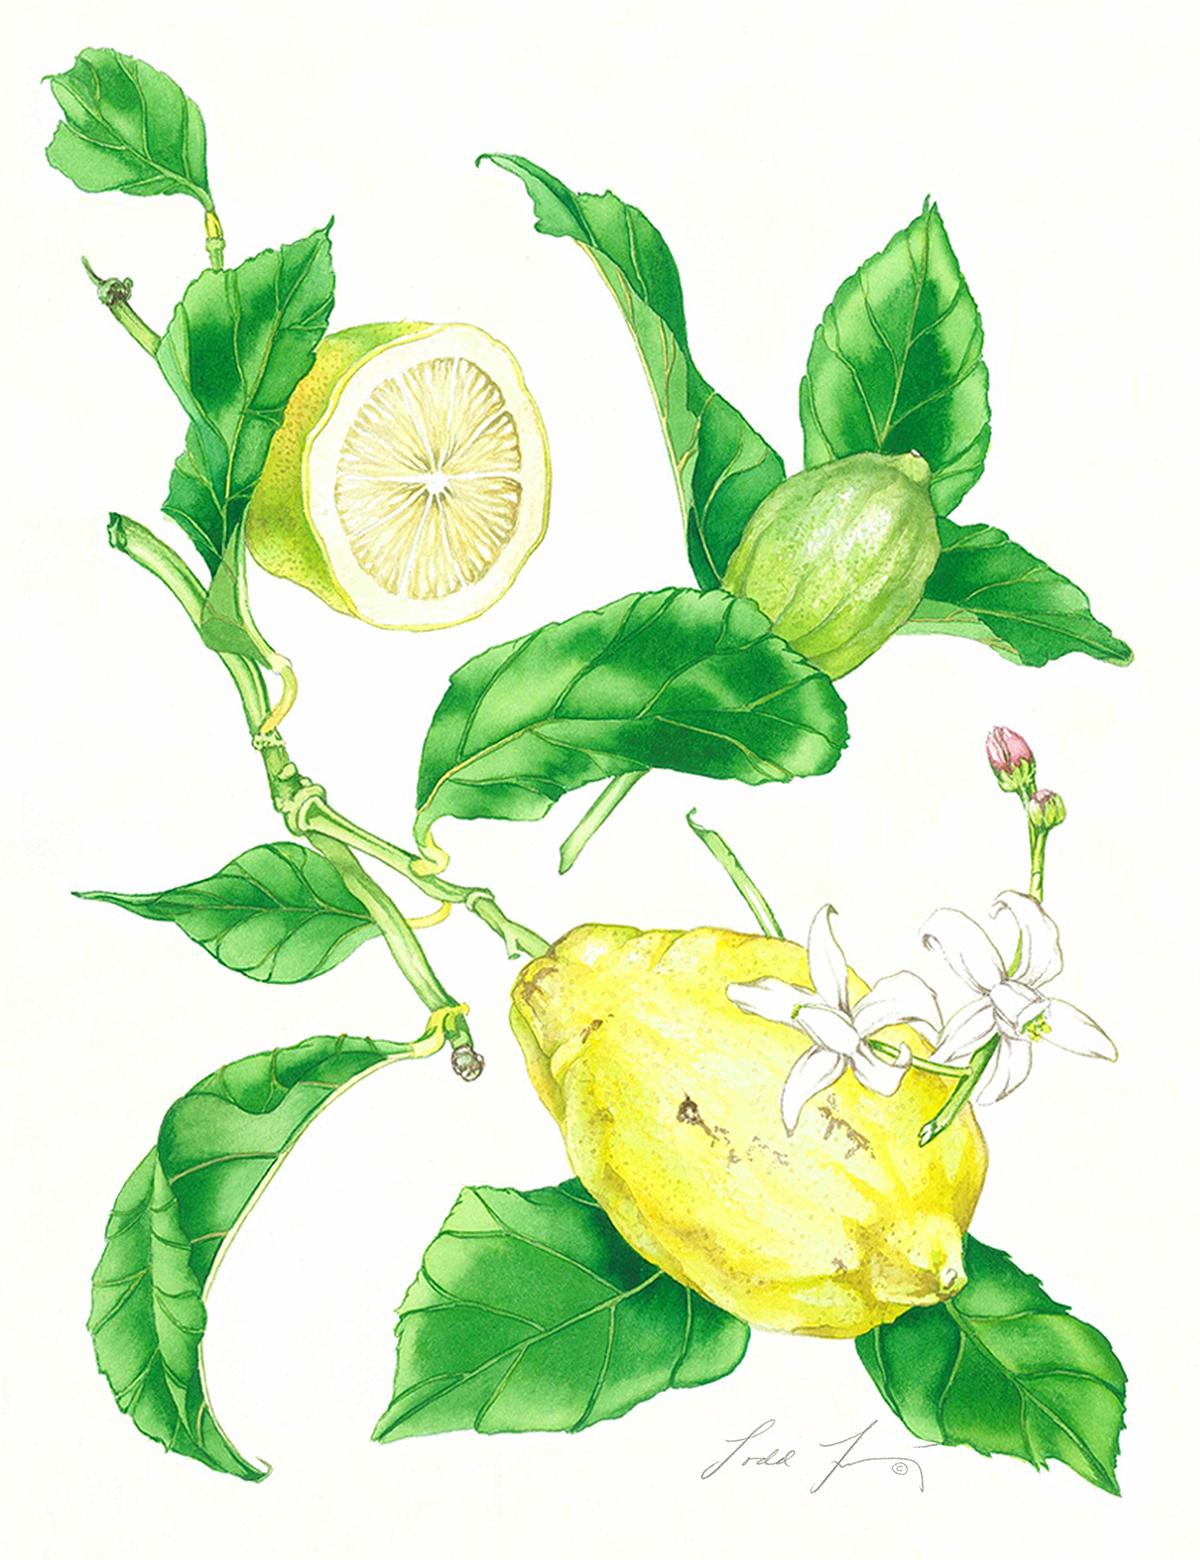 Helen's Lemons #66